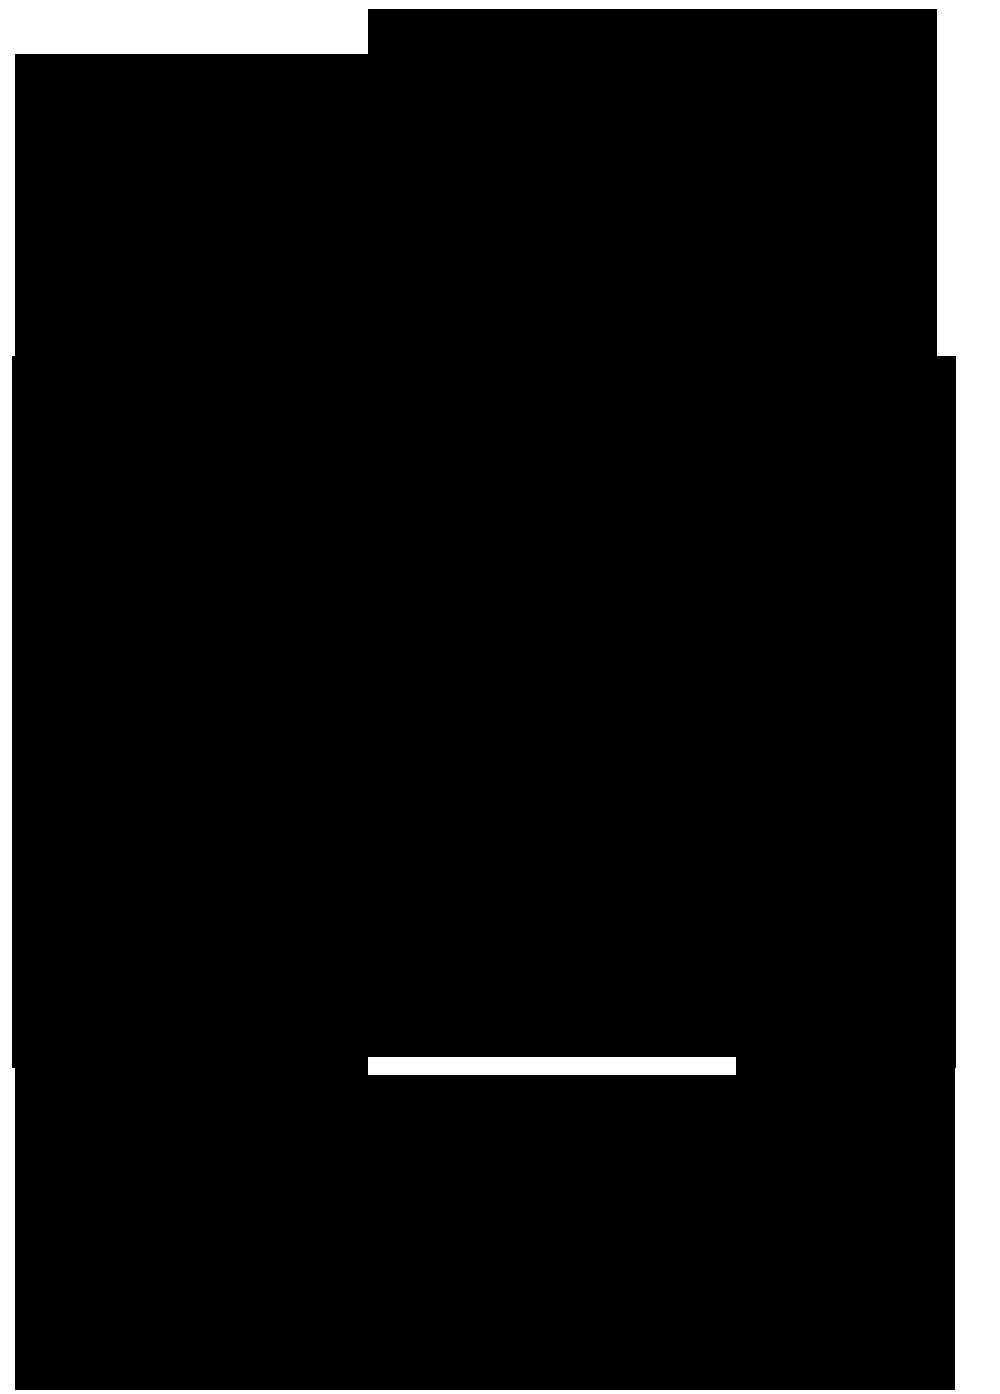 ОСОБОВА КАРТКА ПРАЦІВНИКА (Типова форма № П-2)